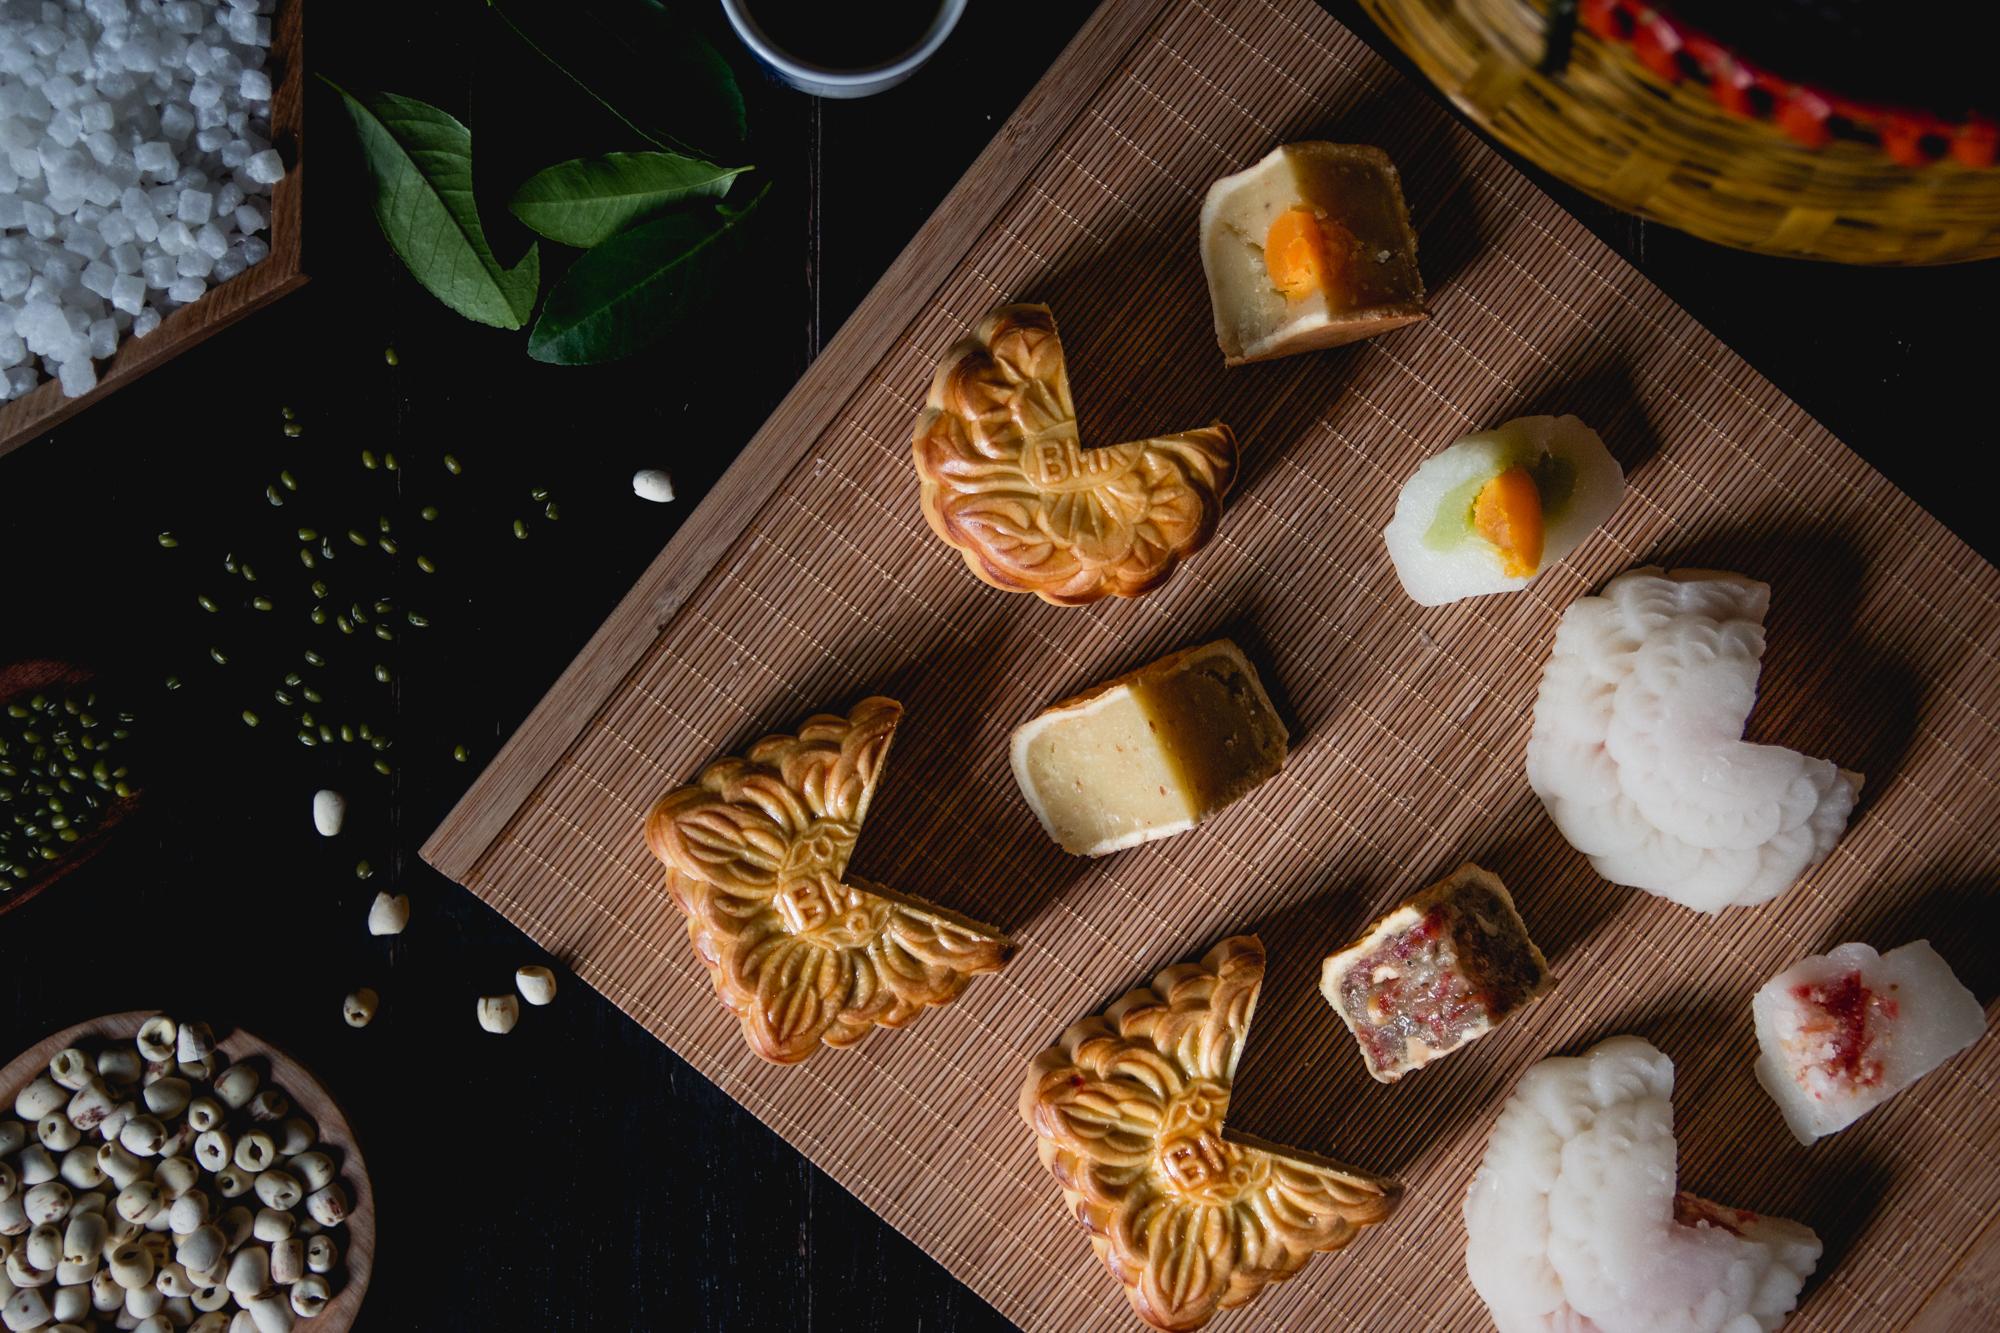 Chông gai con đường gìn giữ hương vị bánh Trung thu truyền thống giữa thời hiện đại